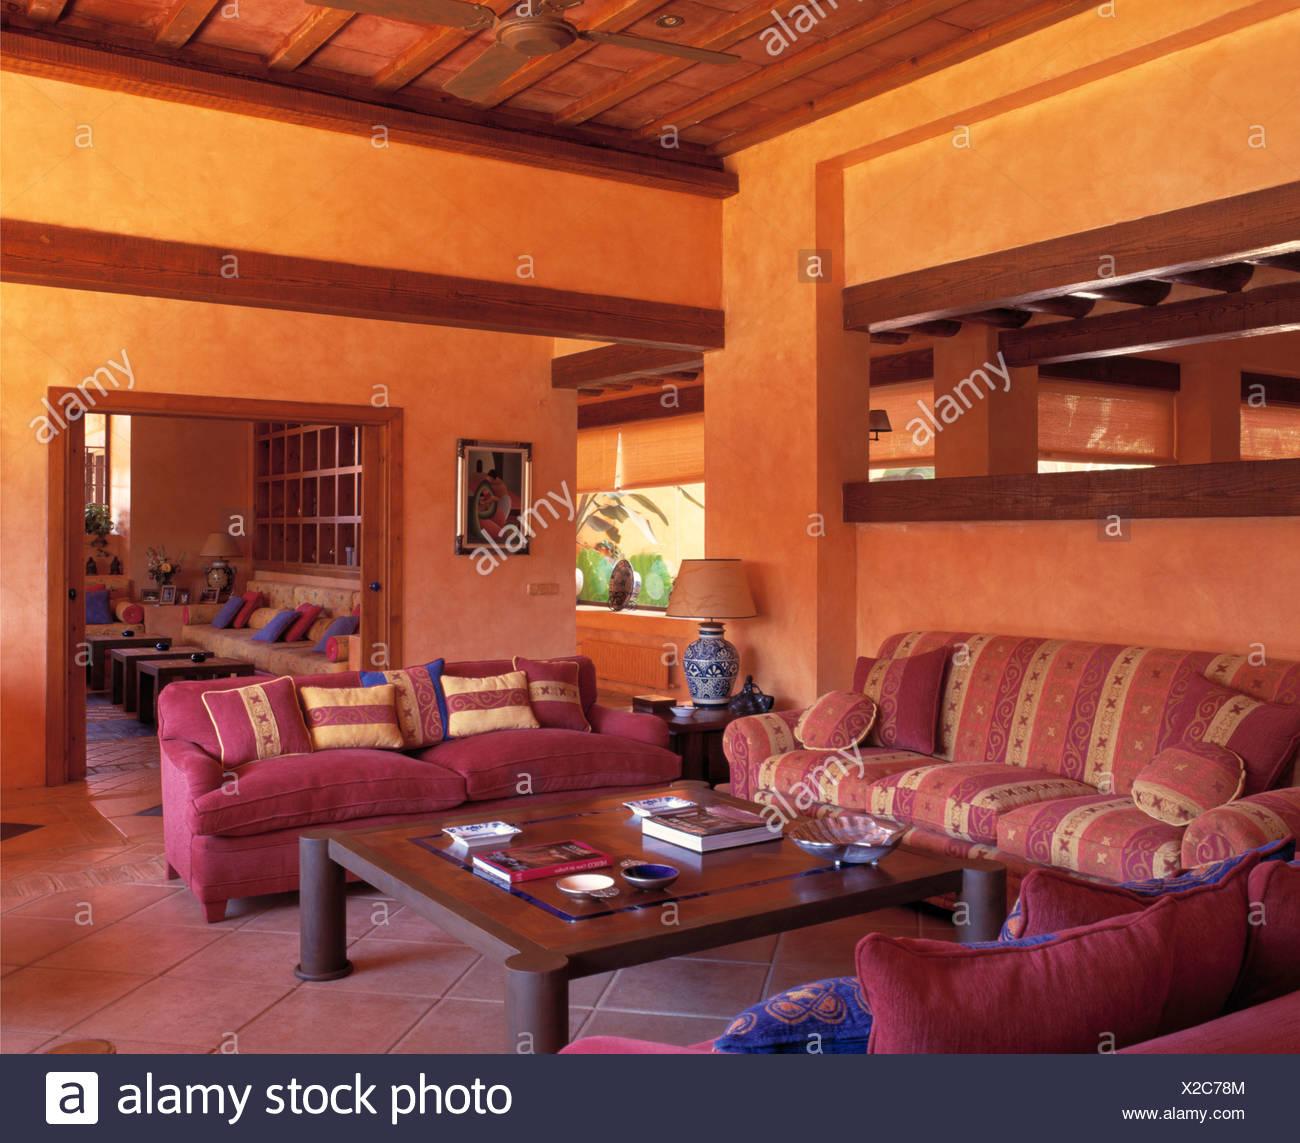 Komfortable rosa Sofas und niedrigen Holztisch in modernen gelb ...